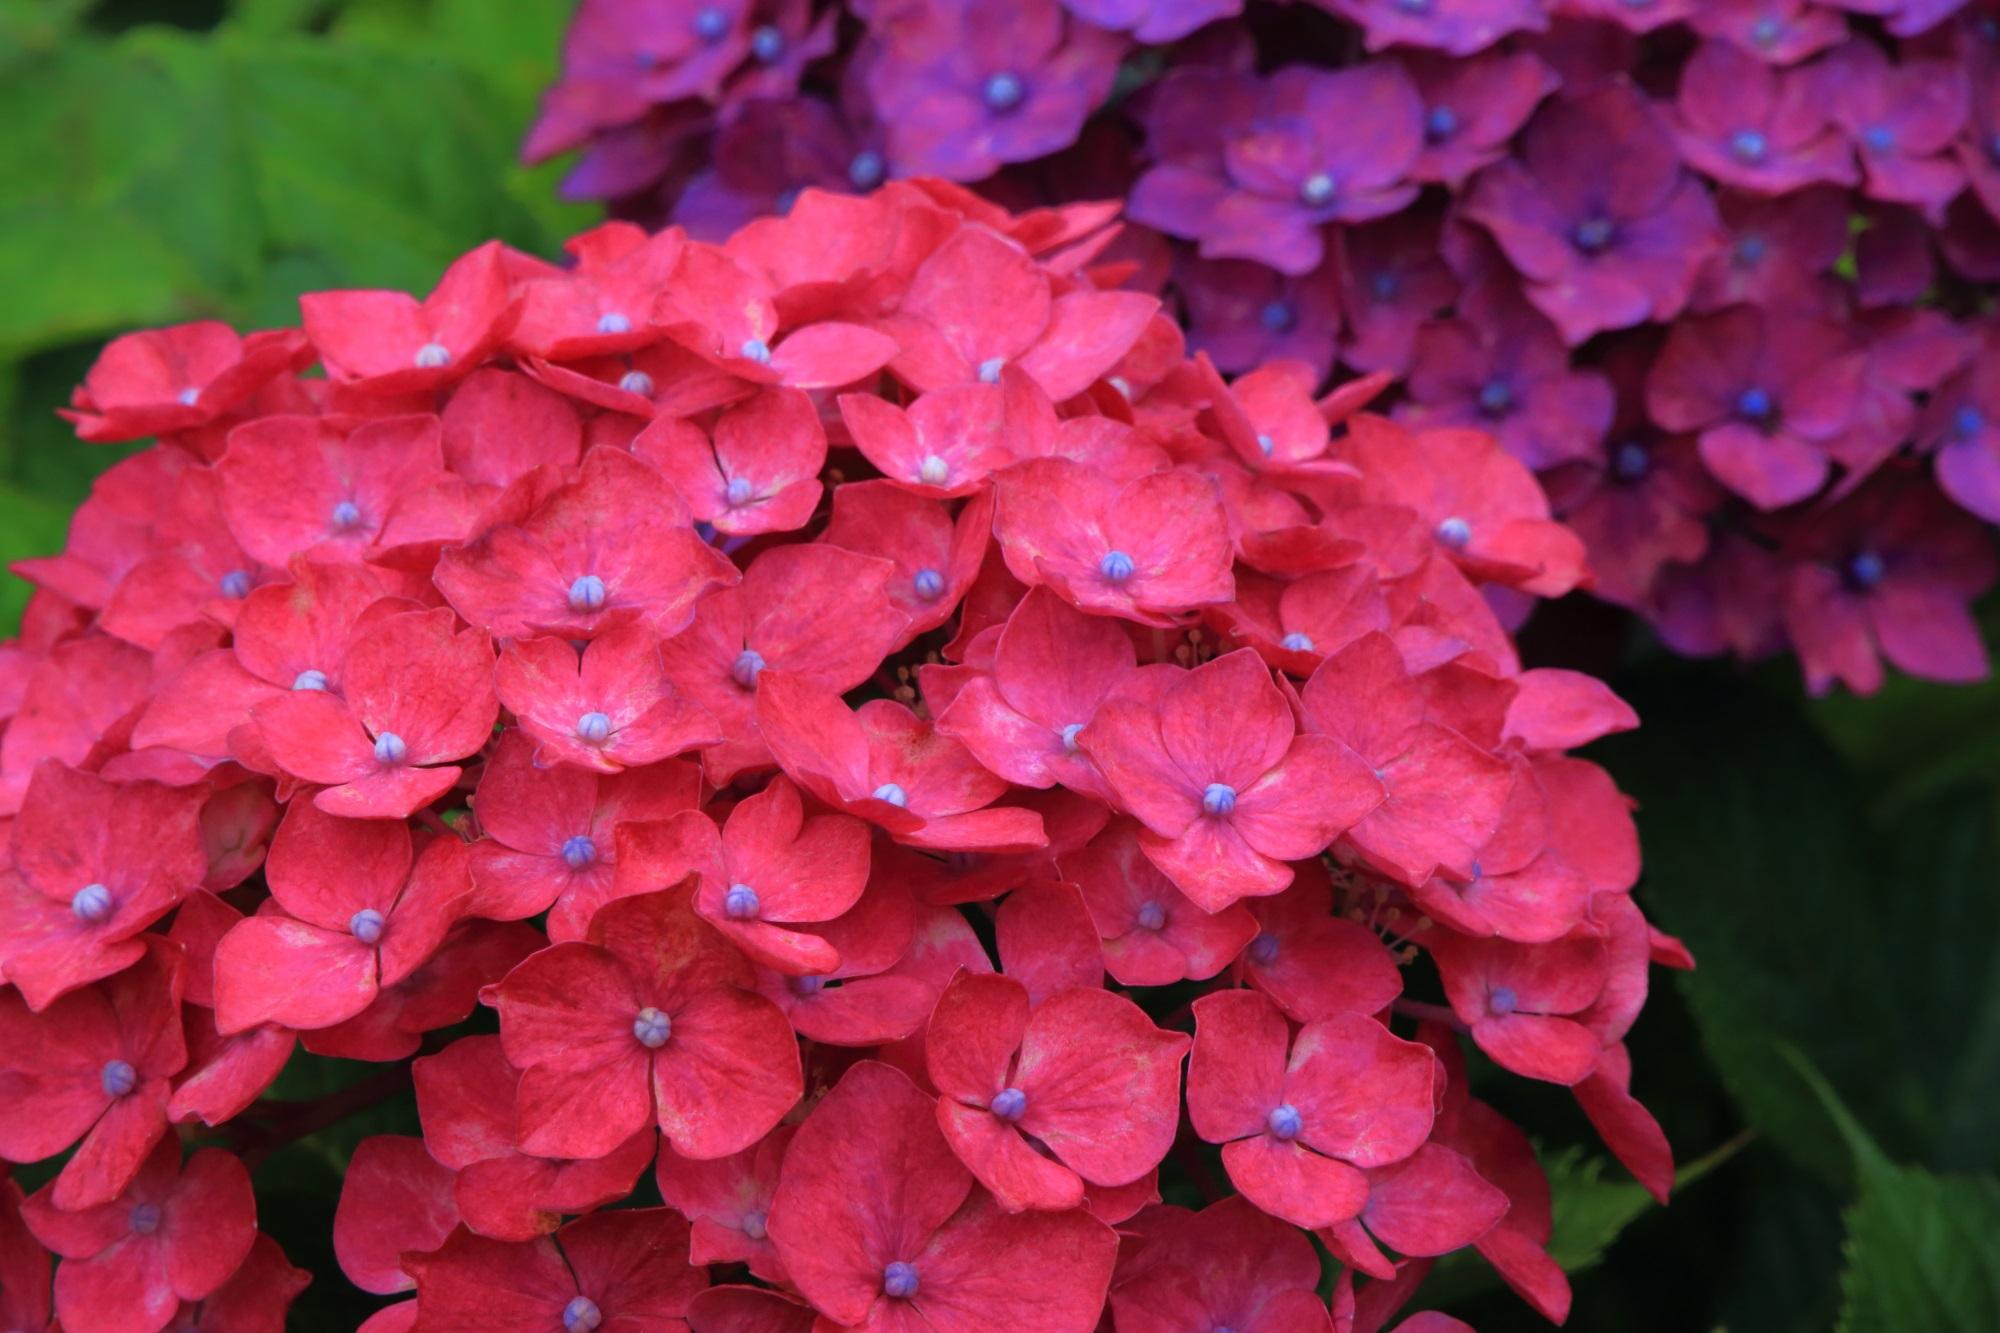 花の中心が色濃い特徴的な紫陽花